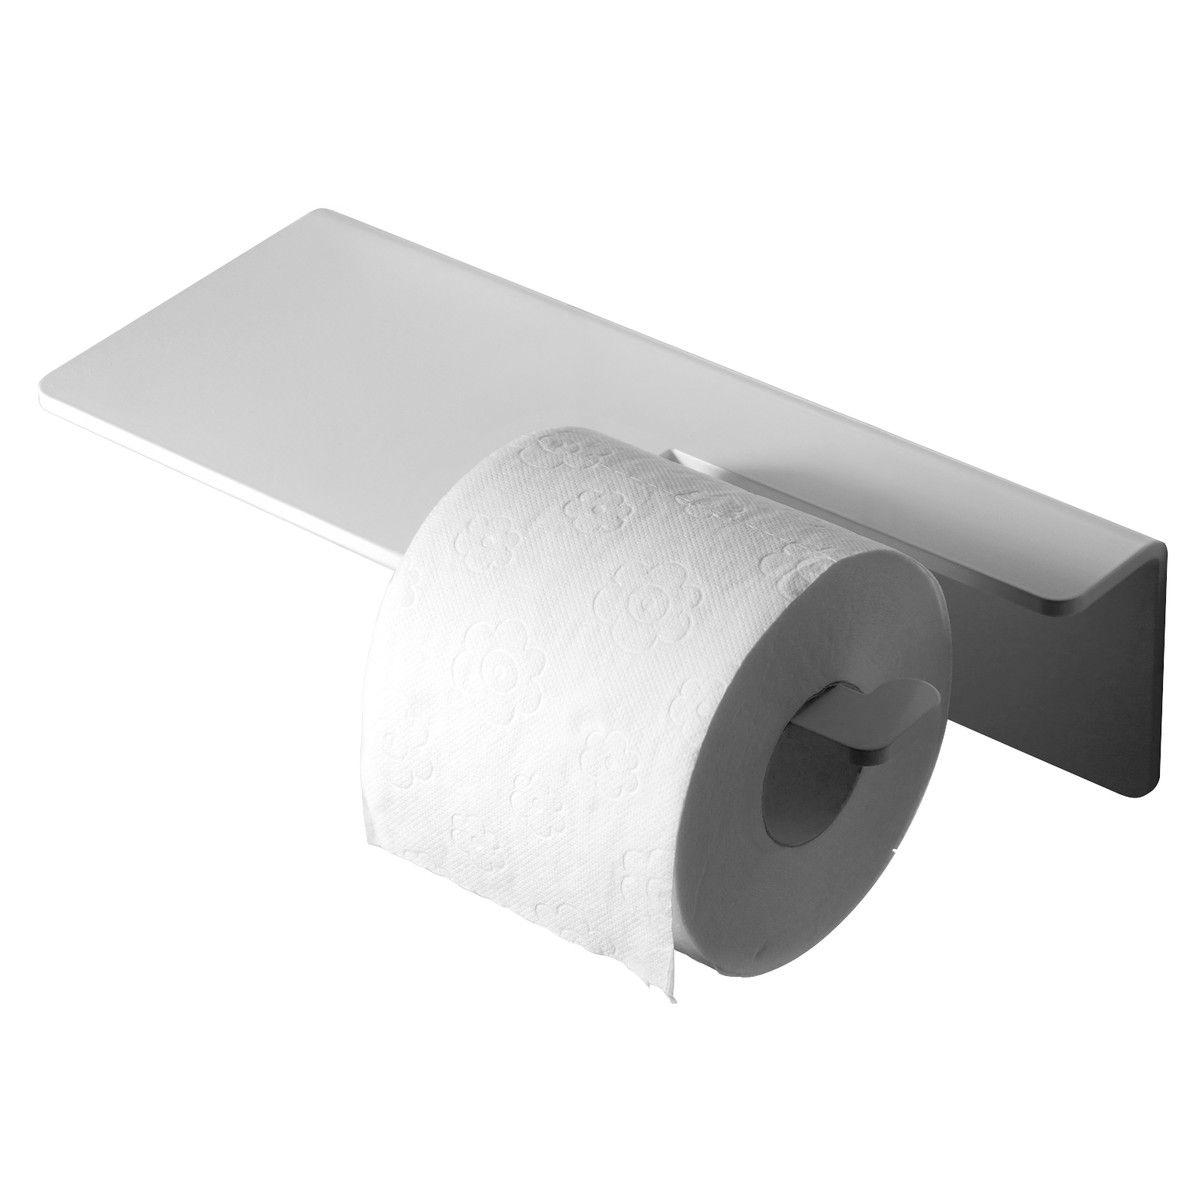 radius design puro toilettenpapierhalter wei - Freistehender Toilettenpapierhalter Mit Lagerung